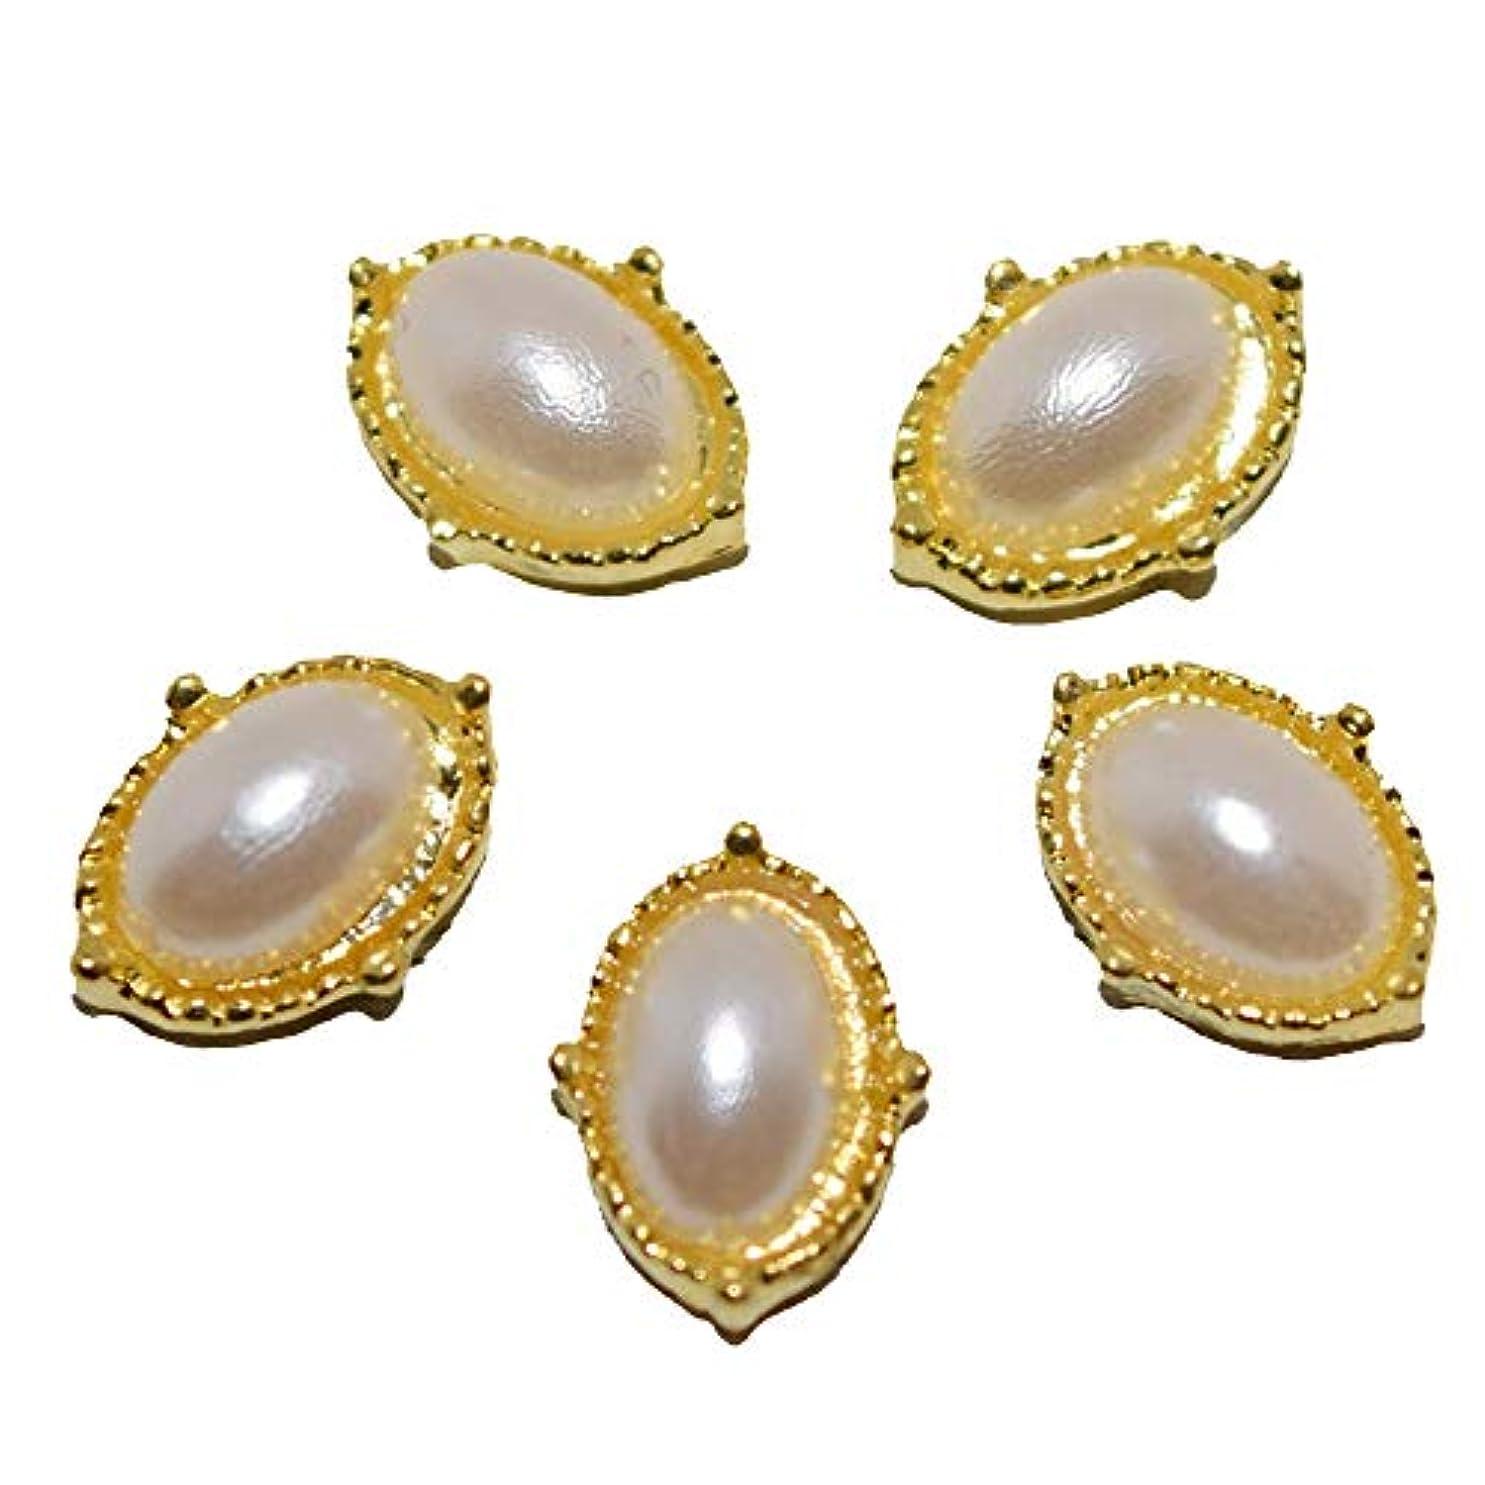 ポイント百万テキスト10個入り金馬の目の真珠3Dネイルアートの装飾合金ネイルチャームネイルズラインストーン用品